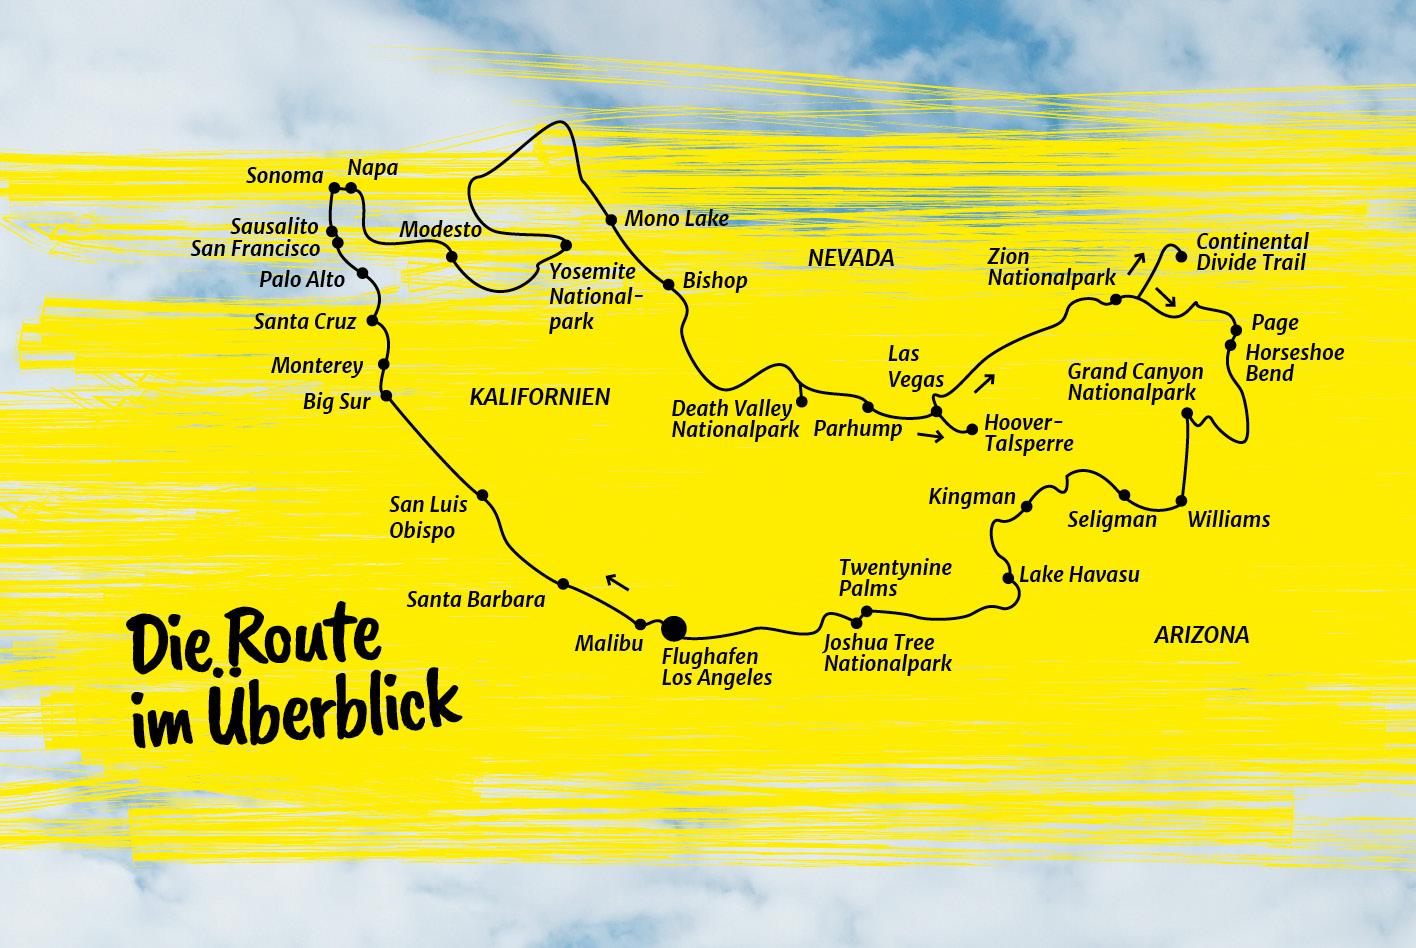 USA-Southwest-Roadtrip: die Route im Überlick